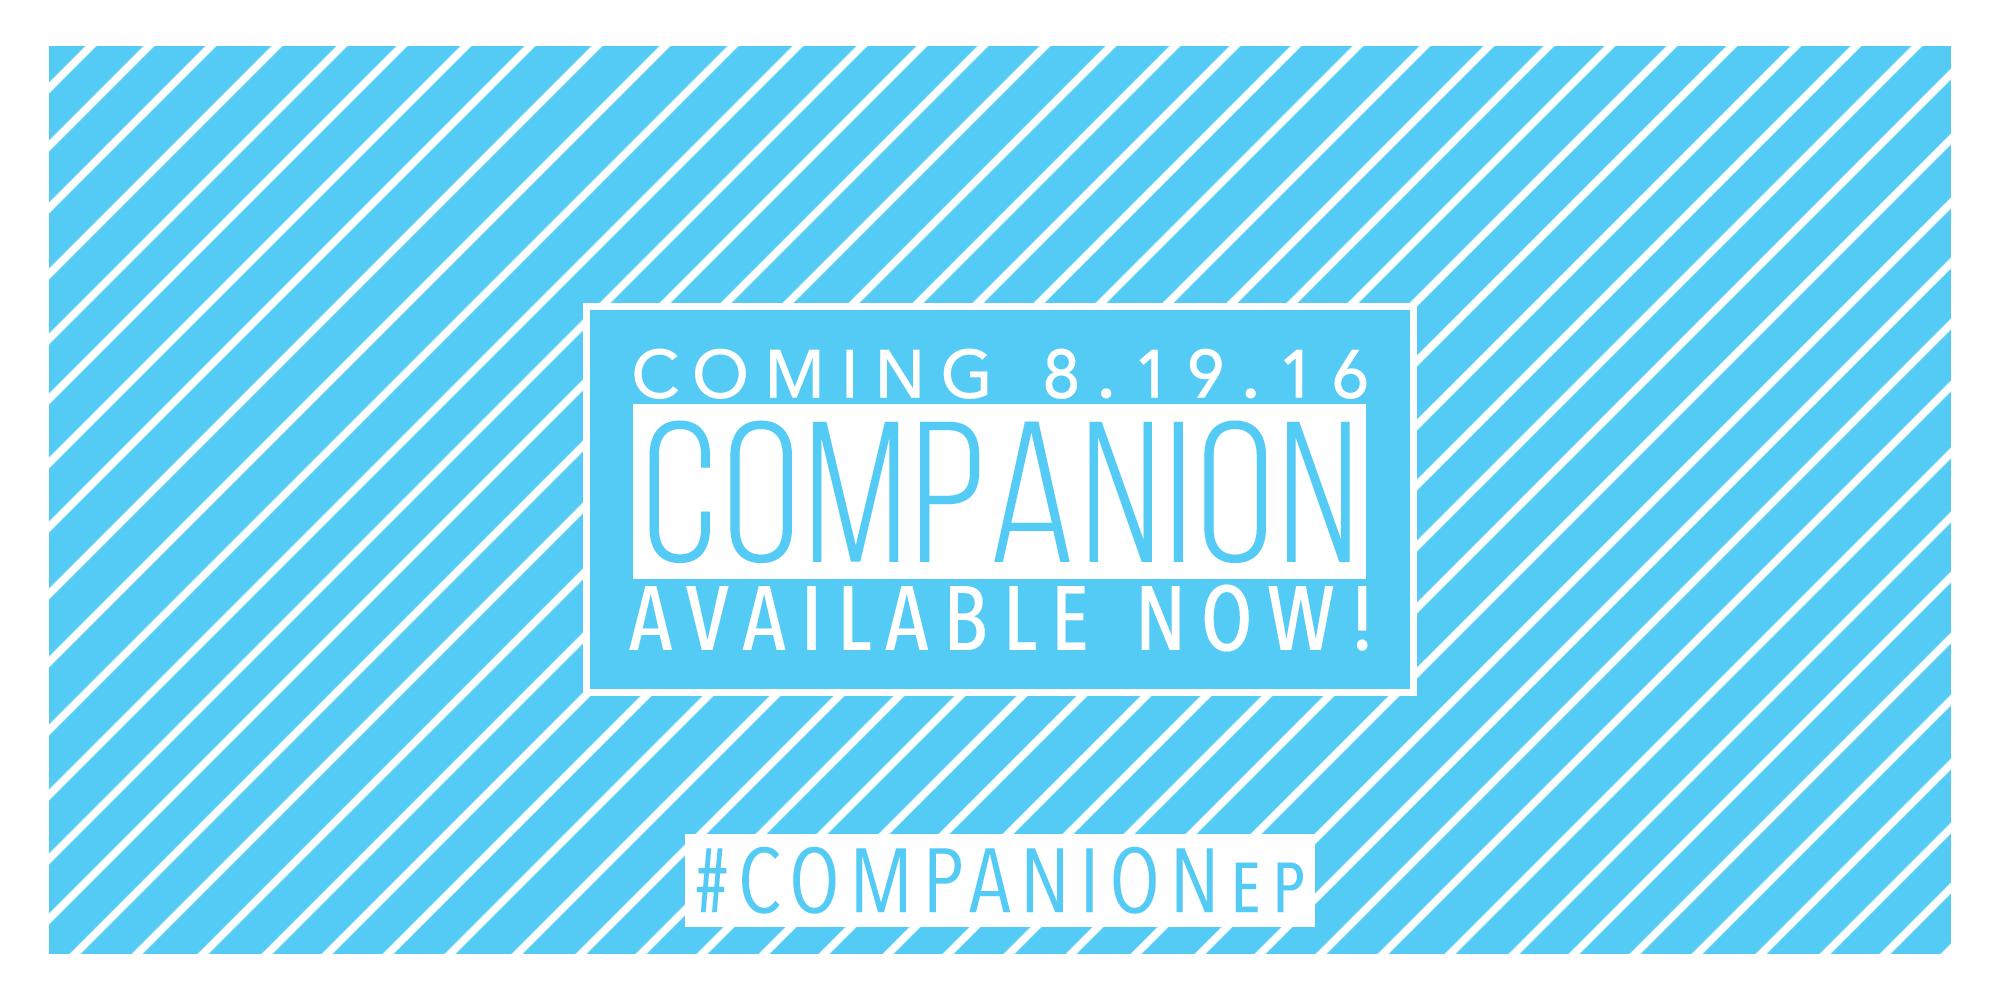 Sam Ock Companion Mini Album EP Available Now Space Single #CompanionEP